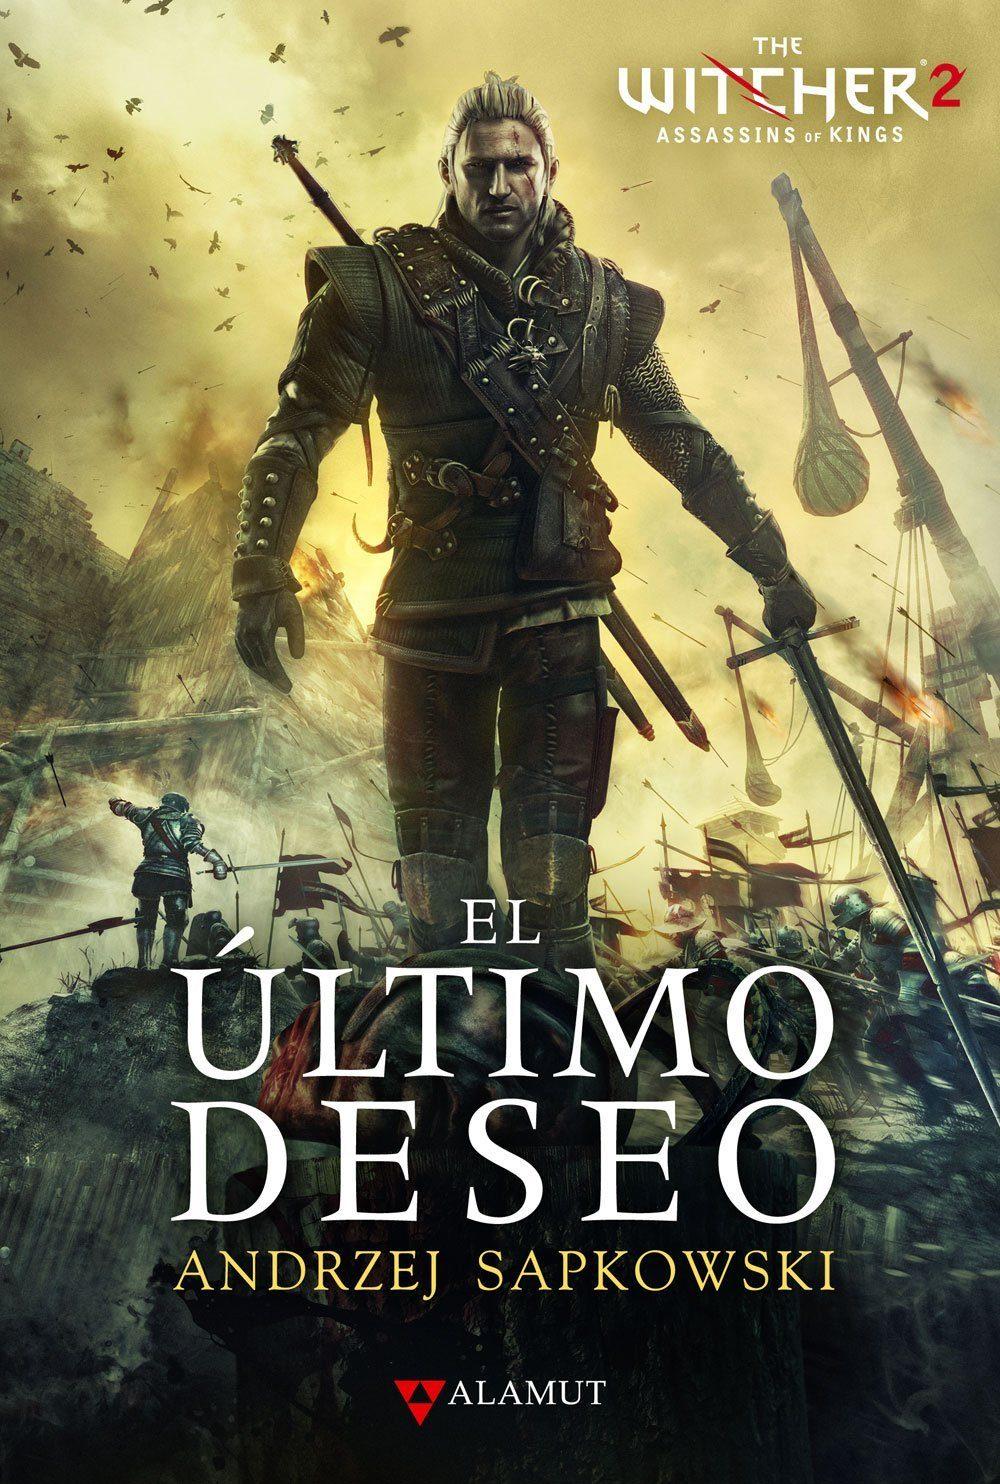 El último deseo: The Witcher 2 (Alamut Serie Fantástica)